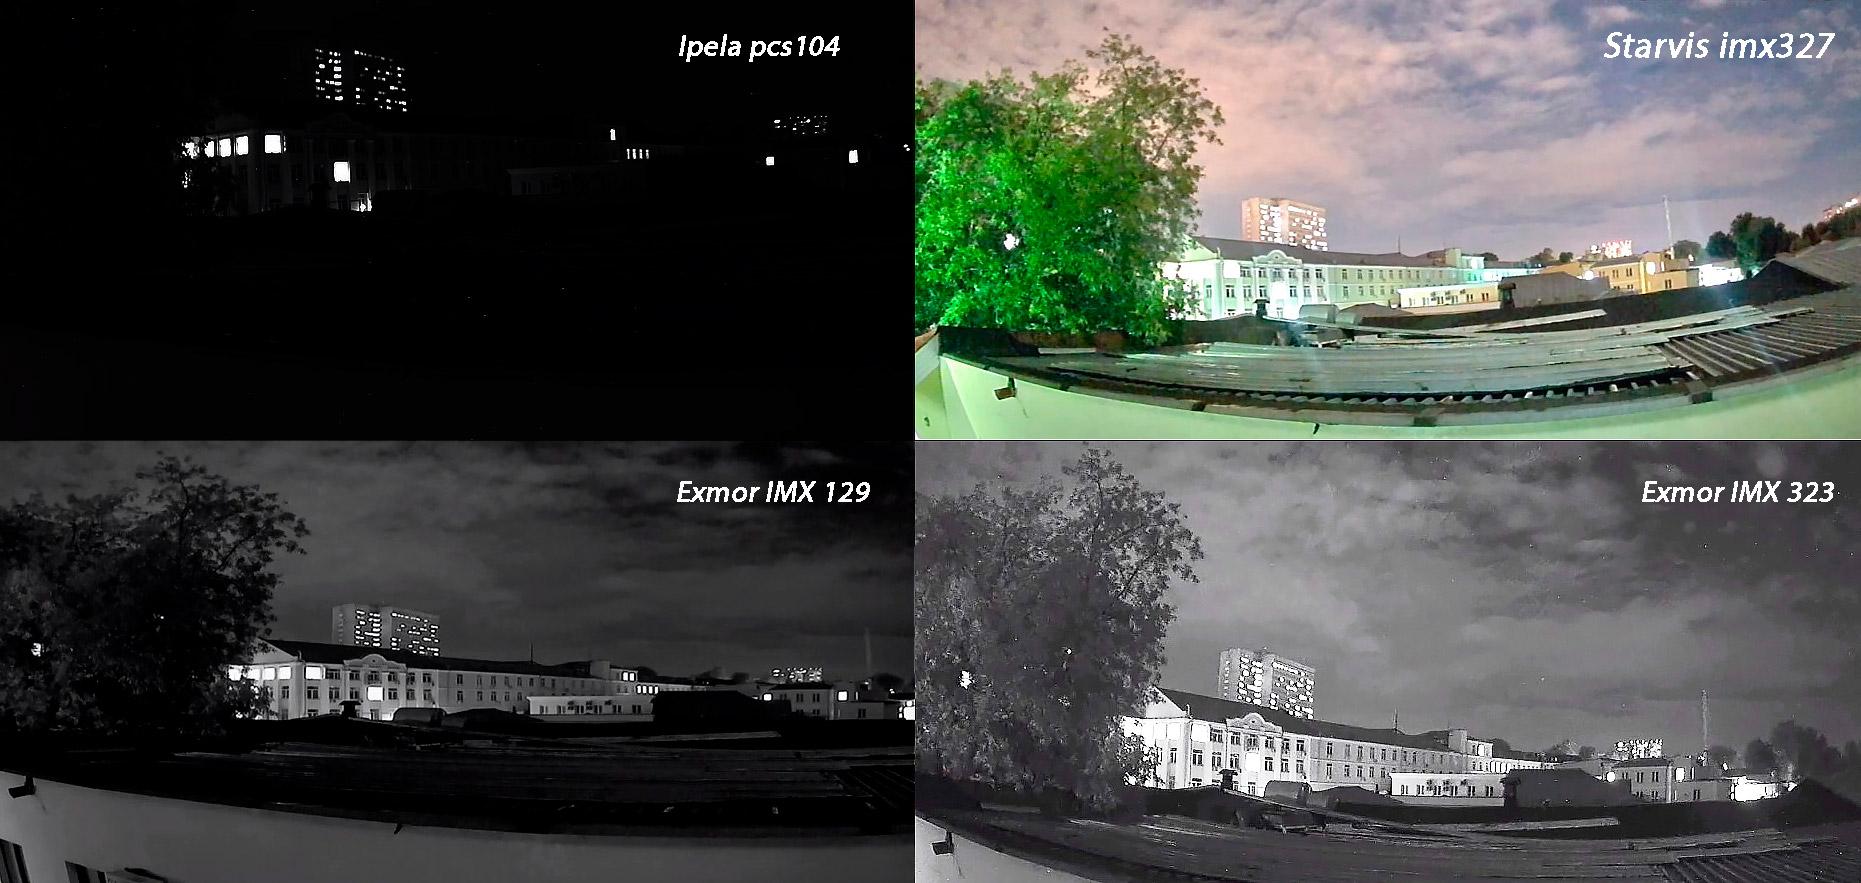 Сравнение сенсора imx327